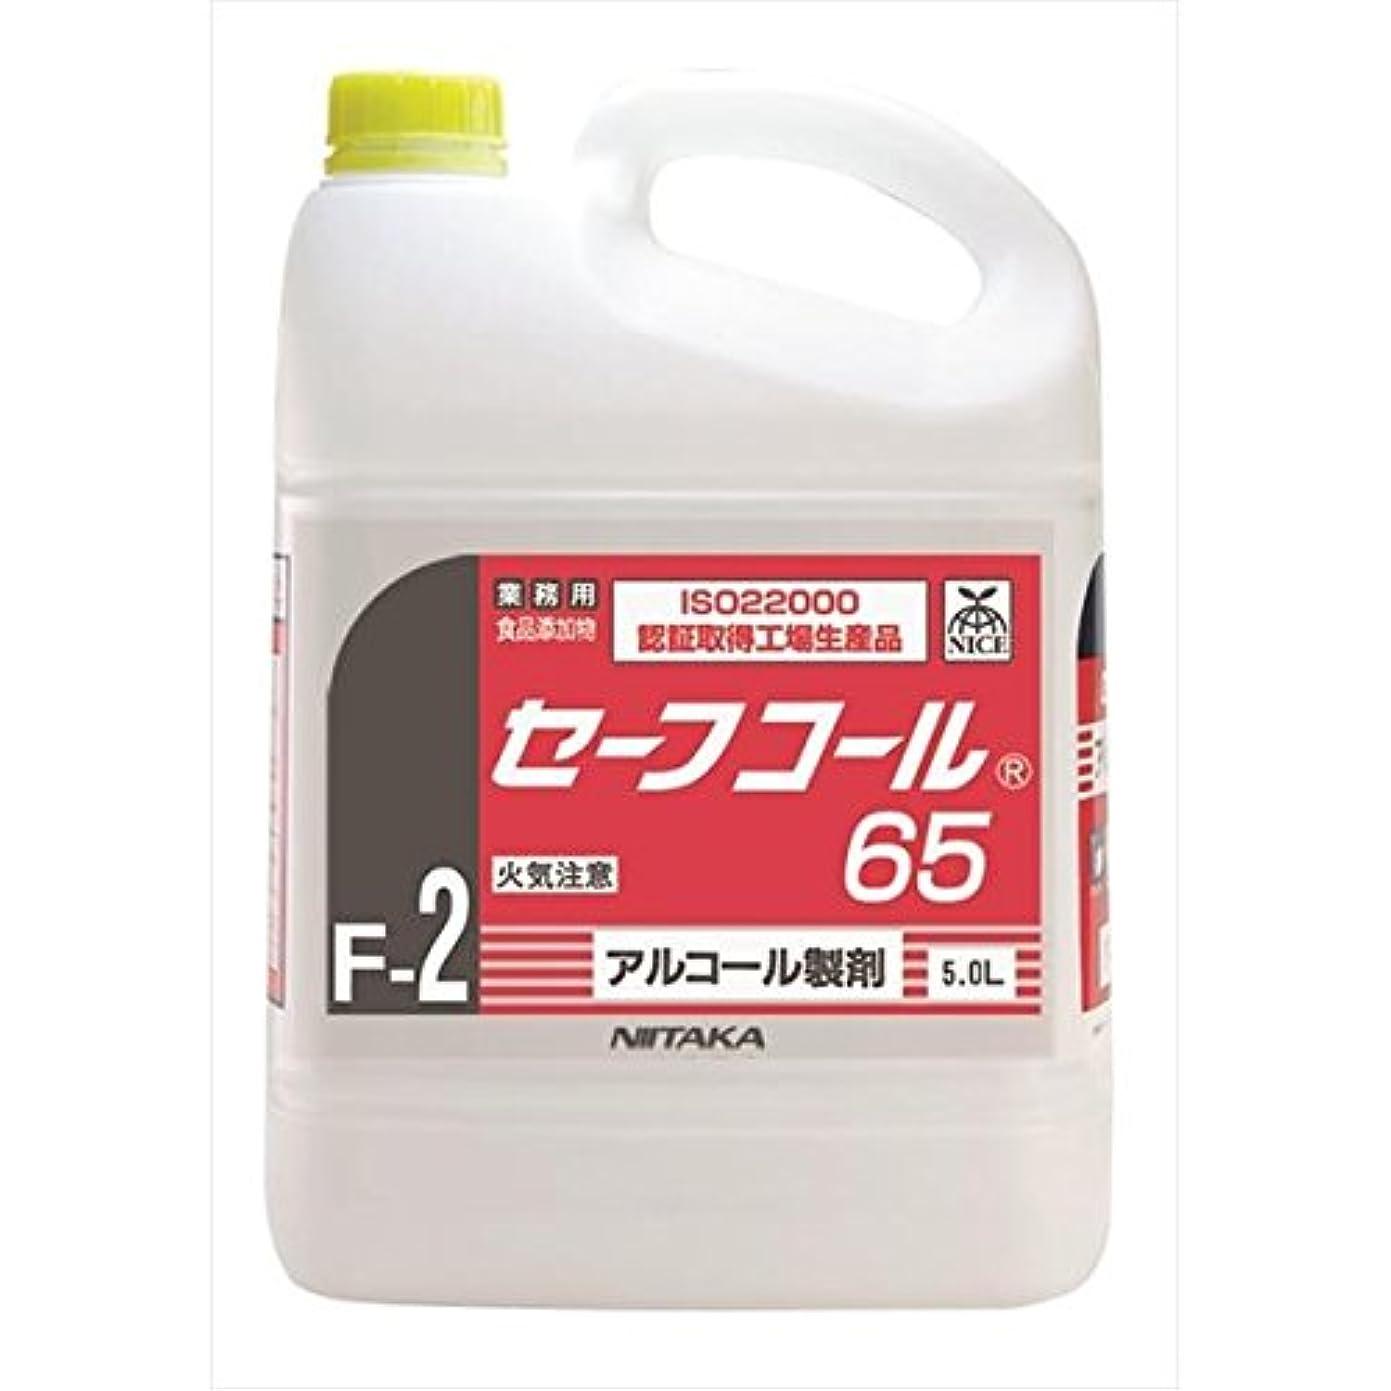 欠陥同様に原油ニイタカ:セーフコール65(F-2) 5L×4 275231